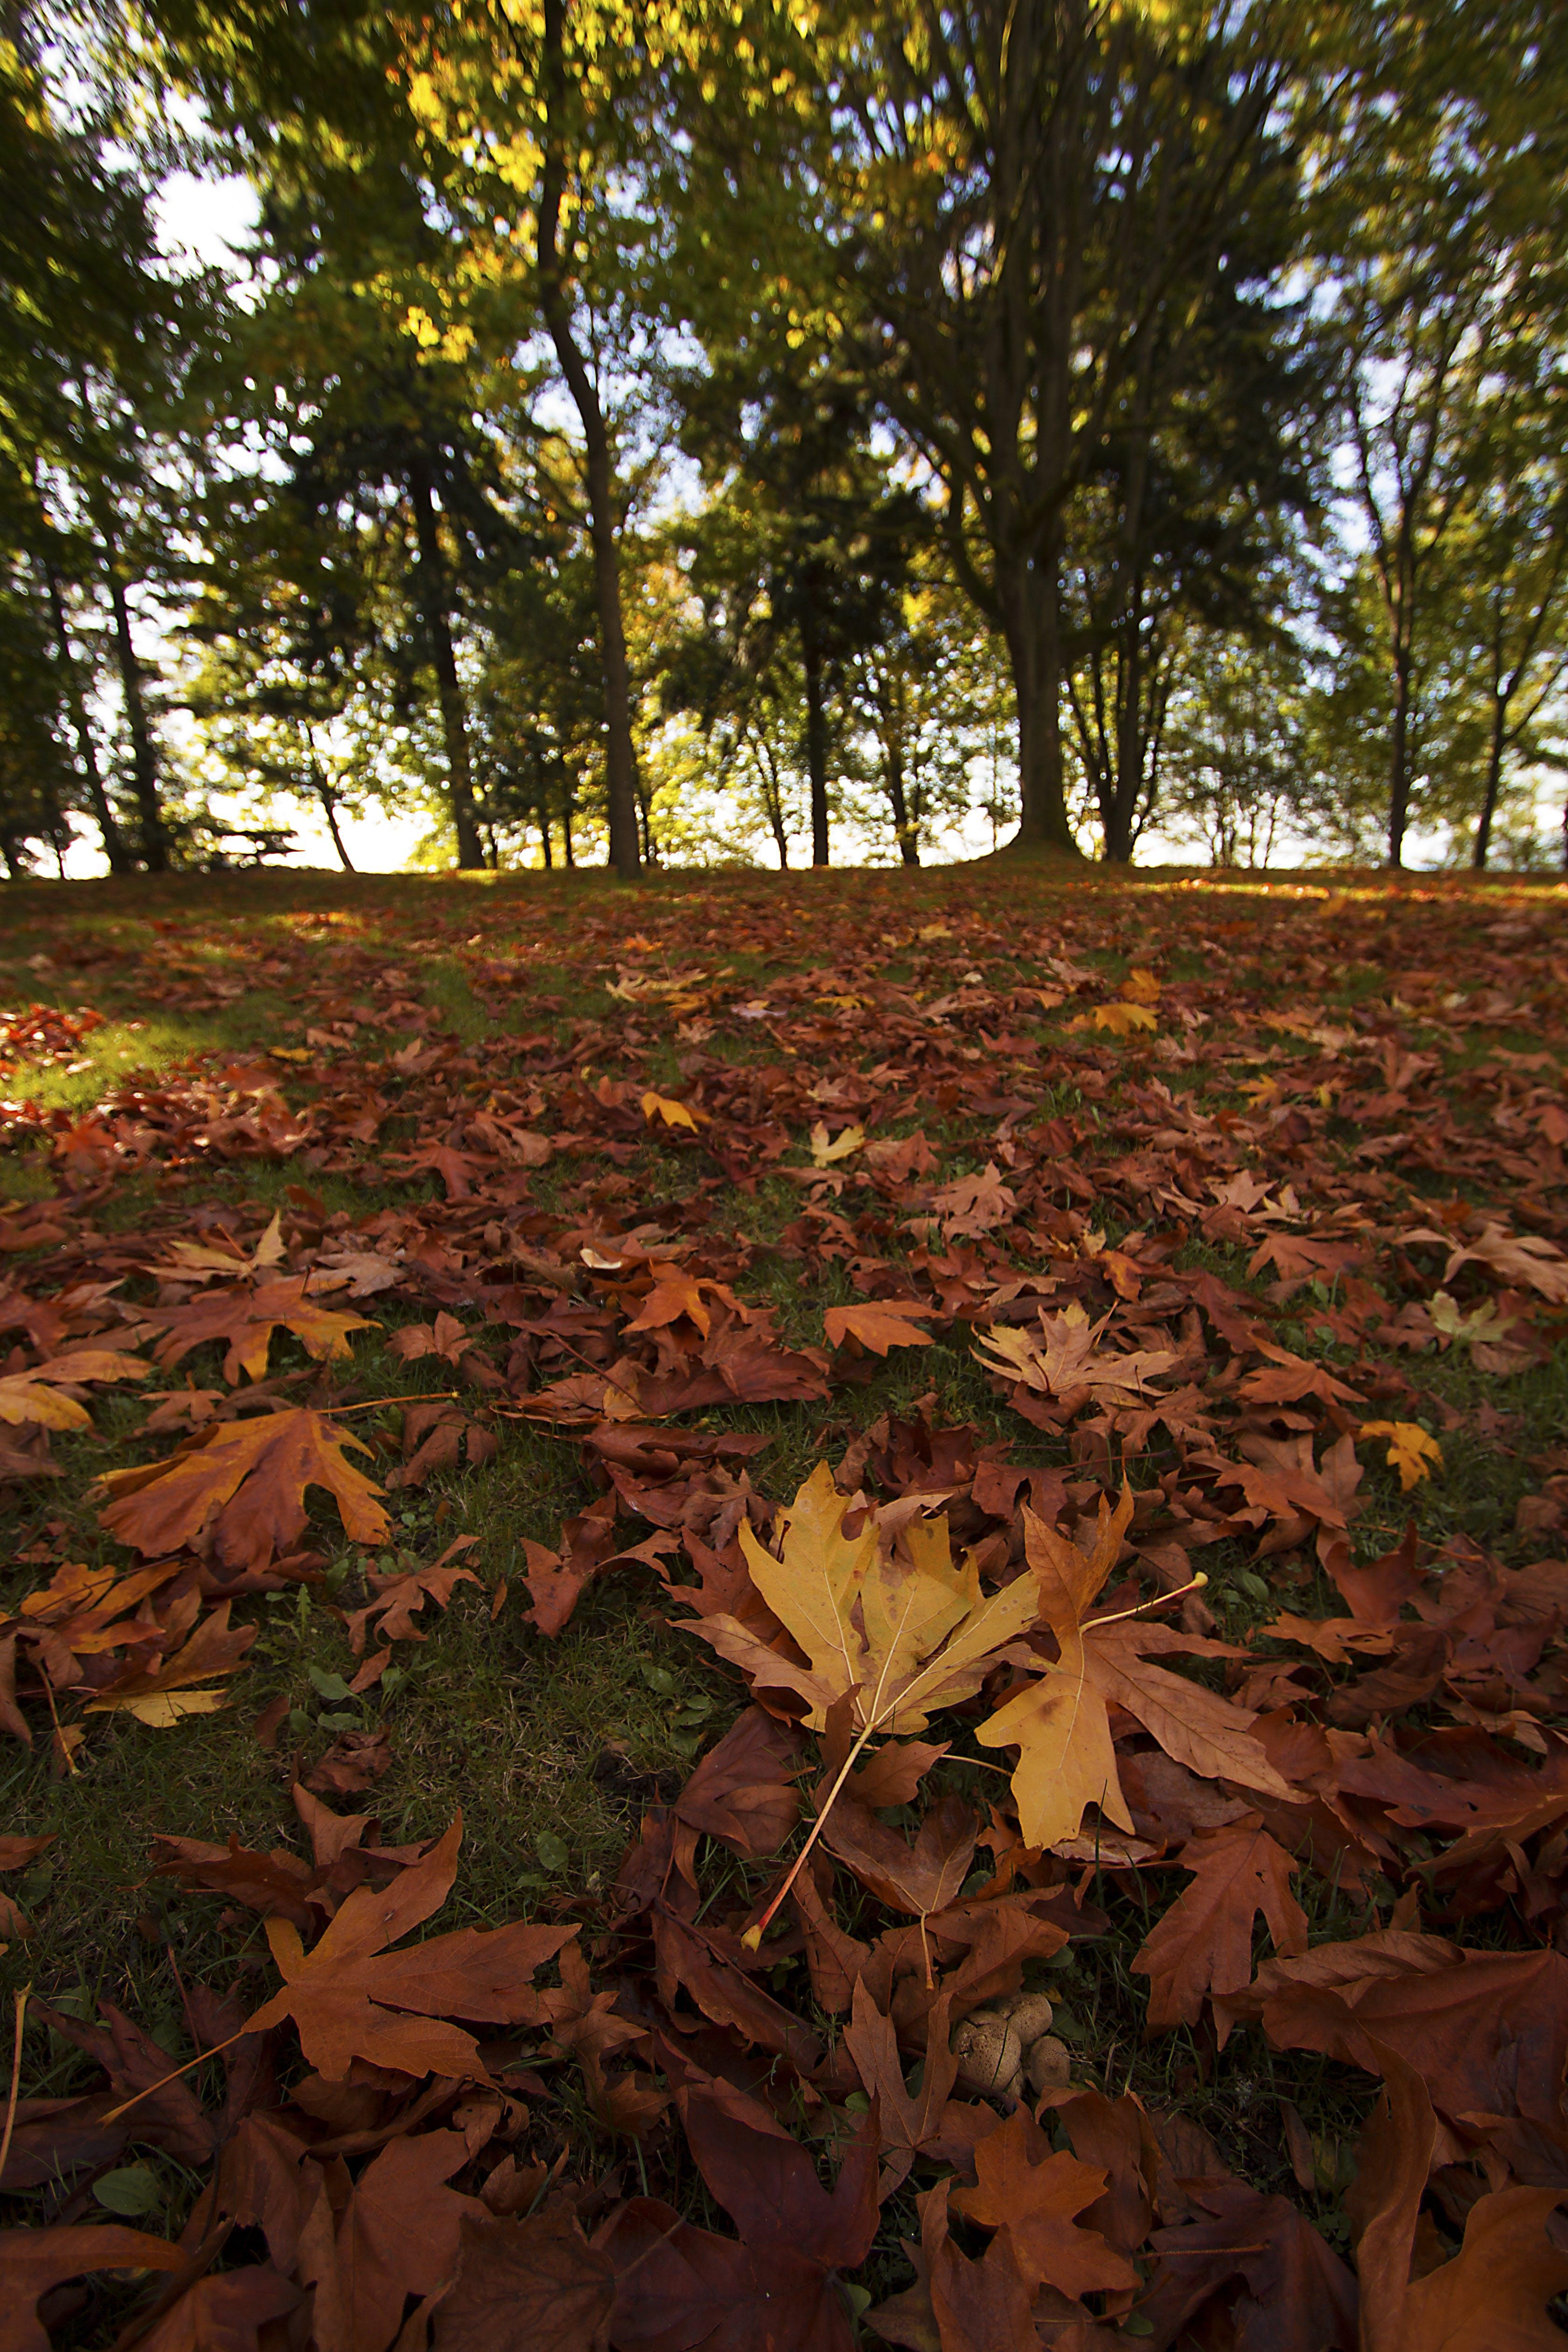 Gratis lagerfoto af efterårsblade, falde farver, træer